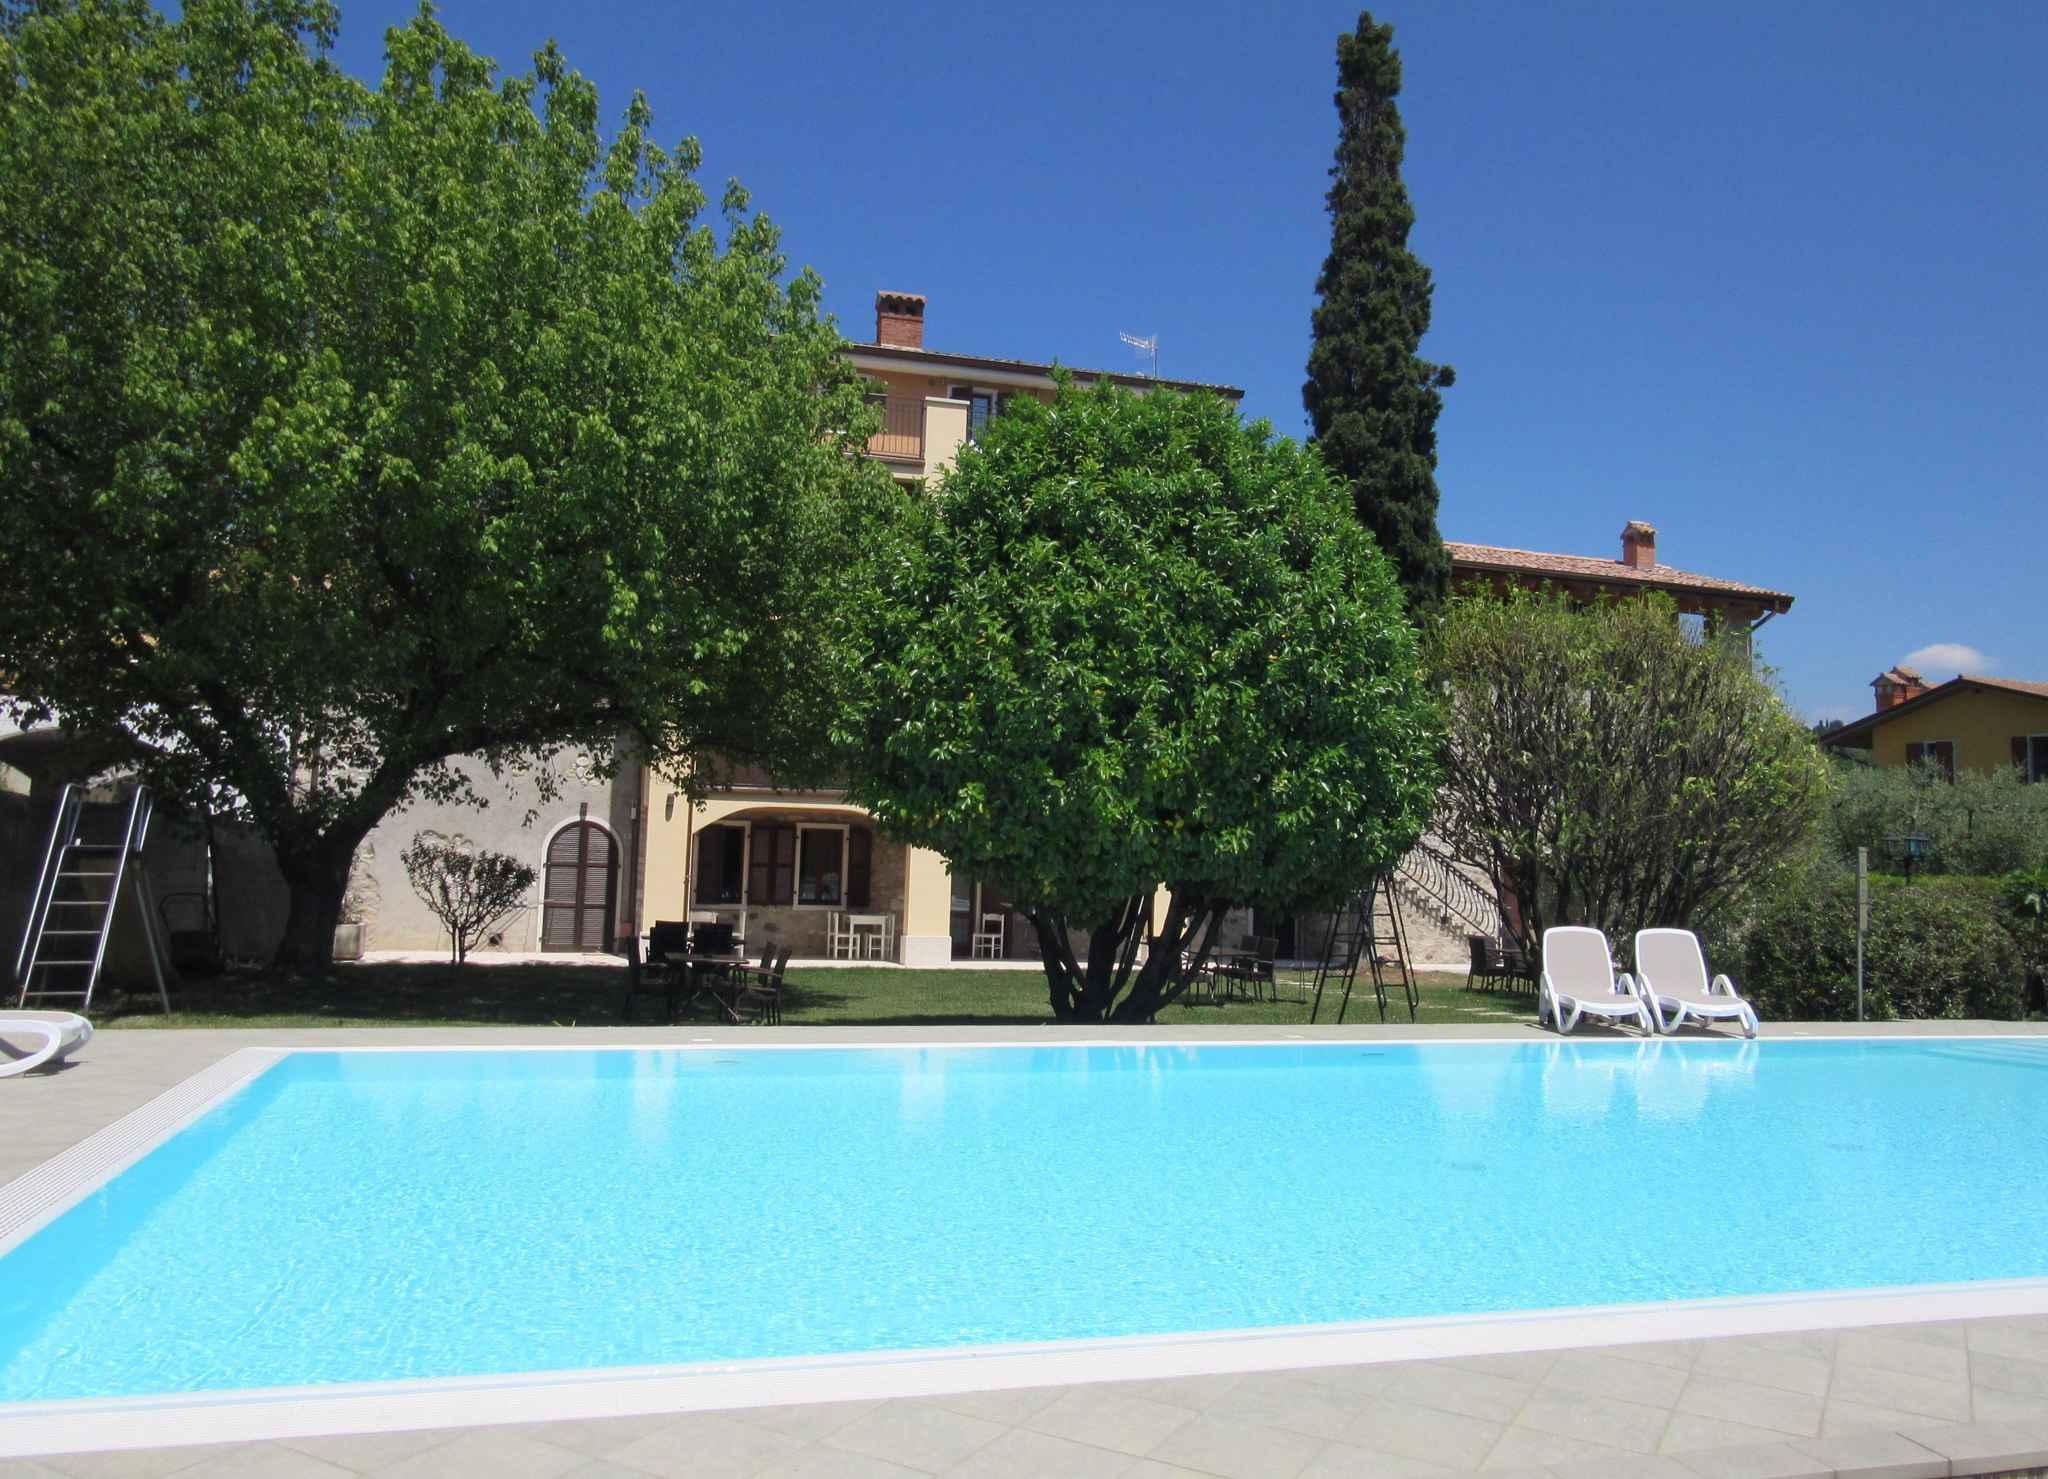 Ferienwohnung Residenz Rustico (279540), Garda, Gardasee, Venetien, Italien, Bild 9